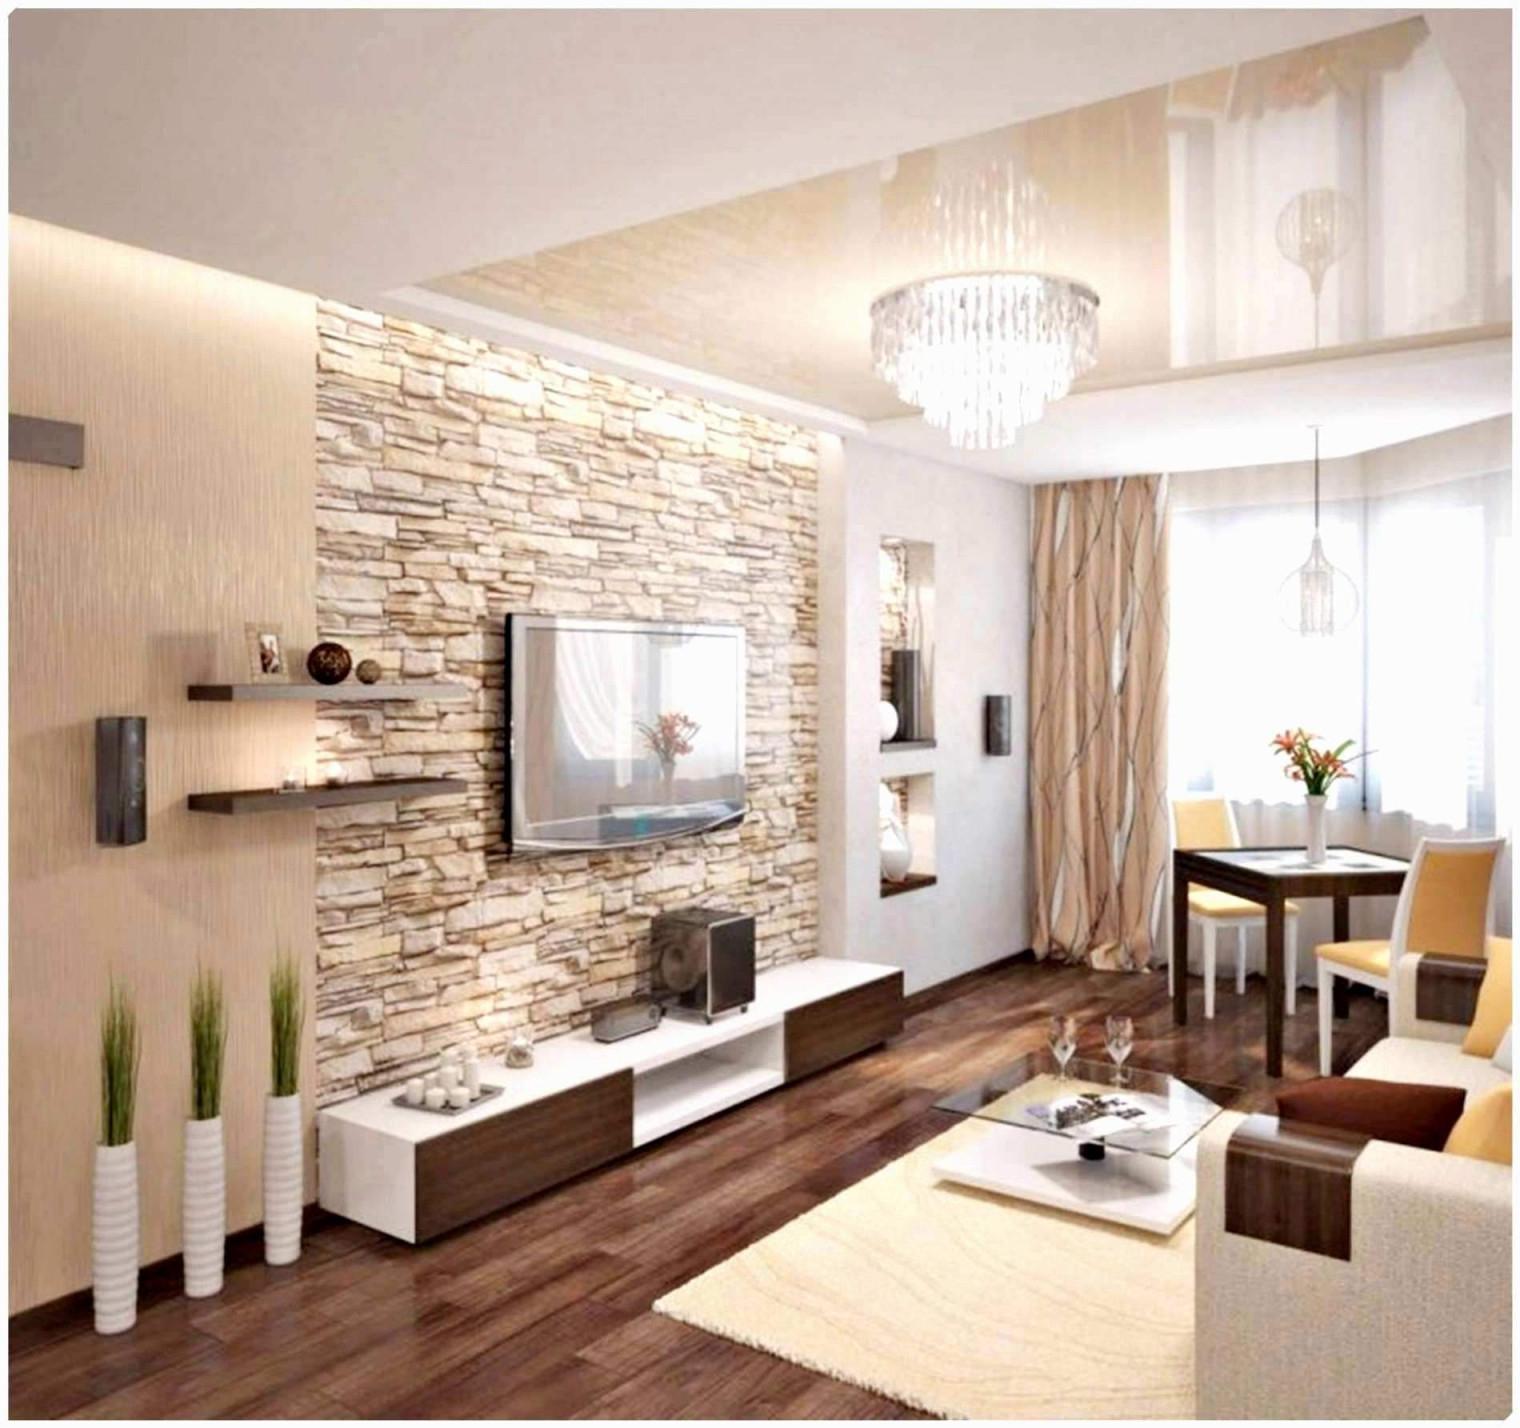 39 Einzigartig Wohnzimmer Tapeten Ideen Modern Das Beste Von von Tapezieren Wohnzimmer Ideen Bild